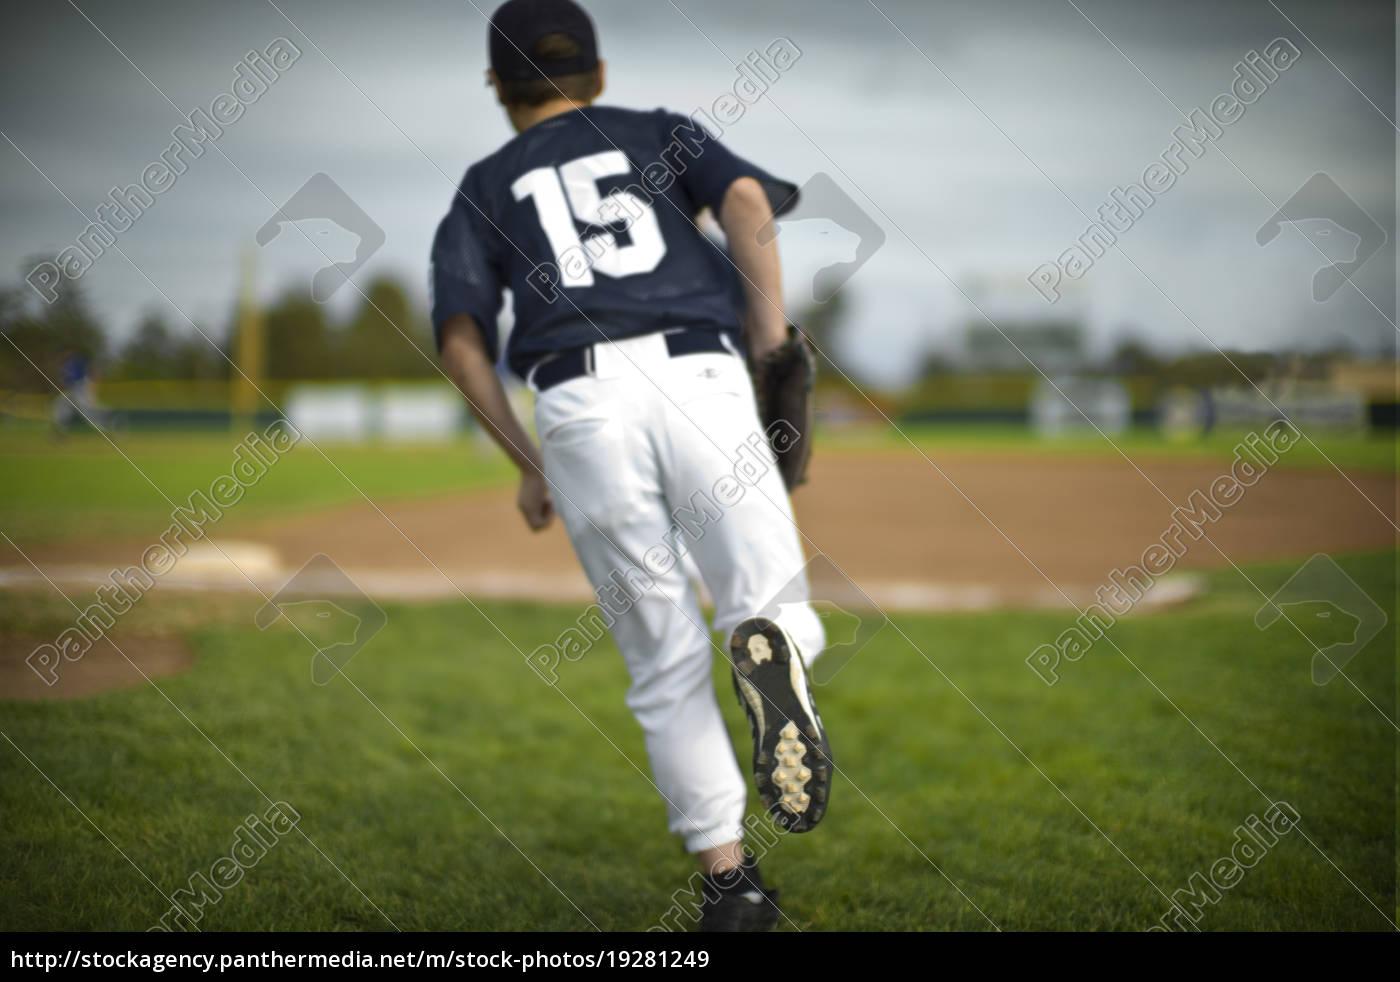 Prominente aus Baseball-Spielern